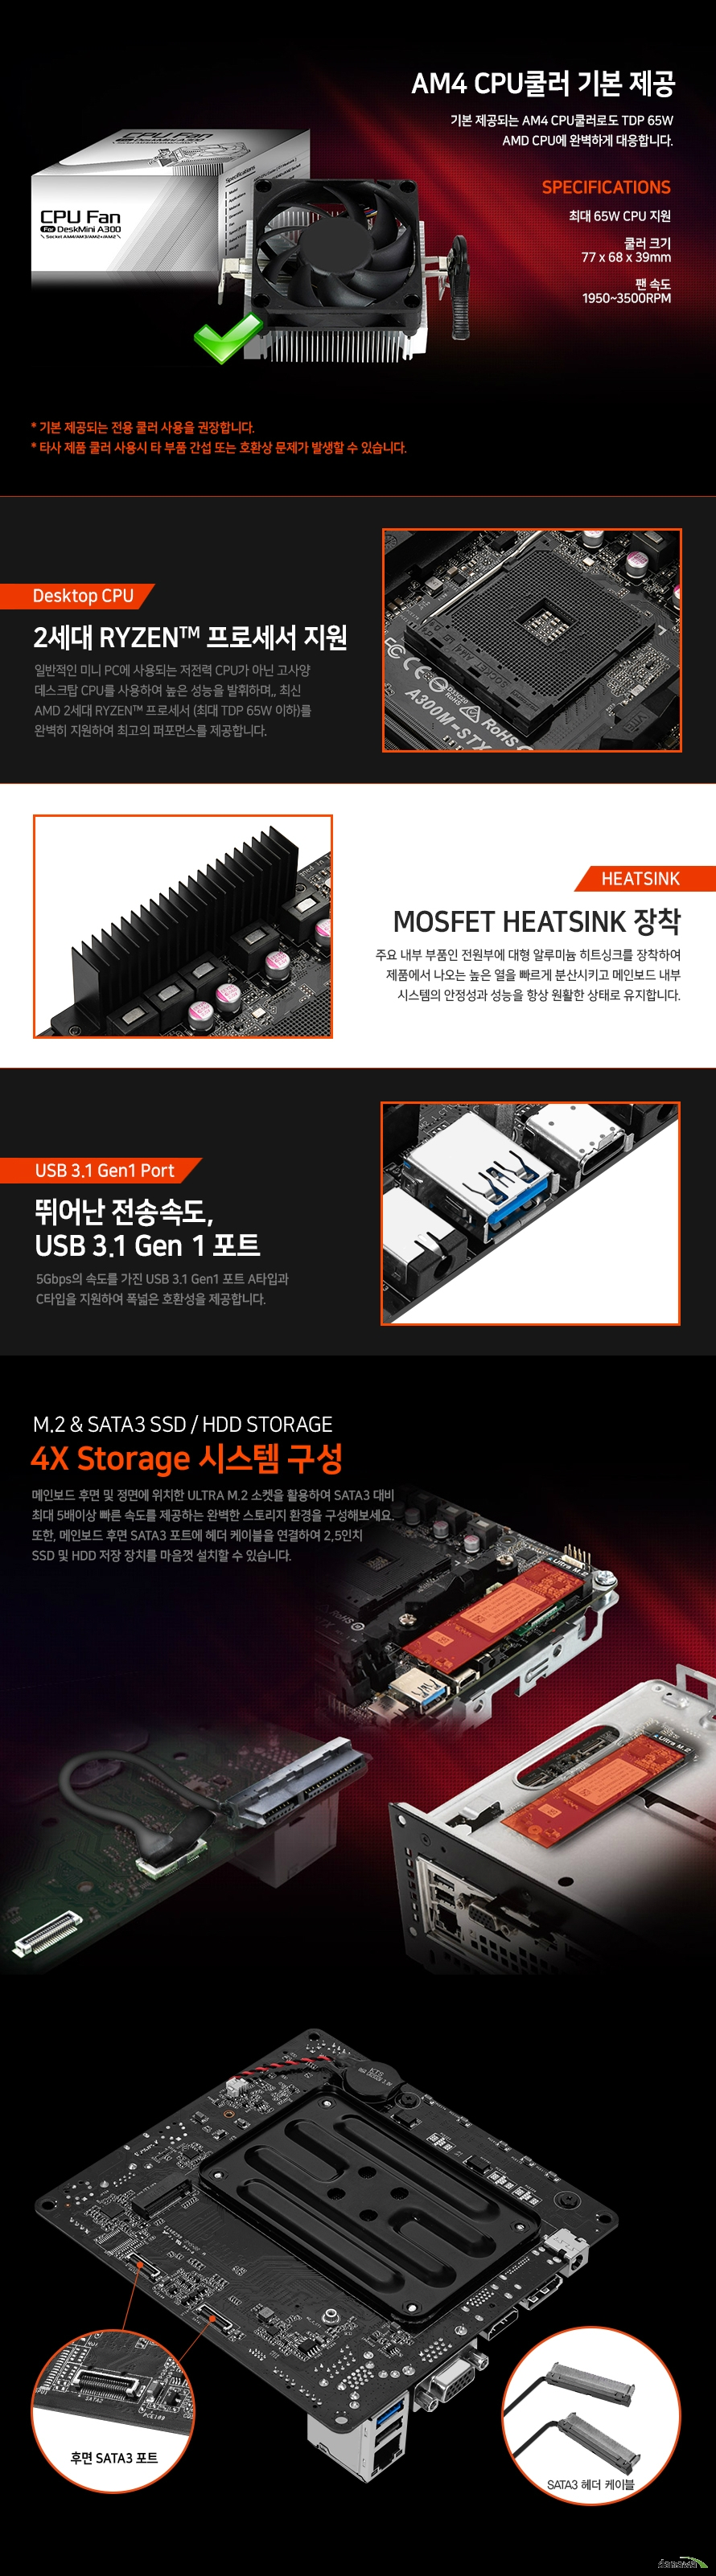 ASRock  DeskMini A300 3200G M2 Win10Pro(16GB, M2 256GB + 1TB)